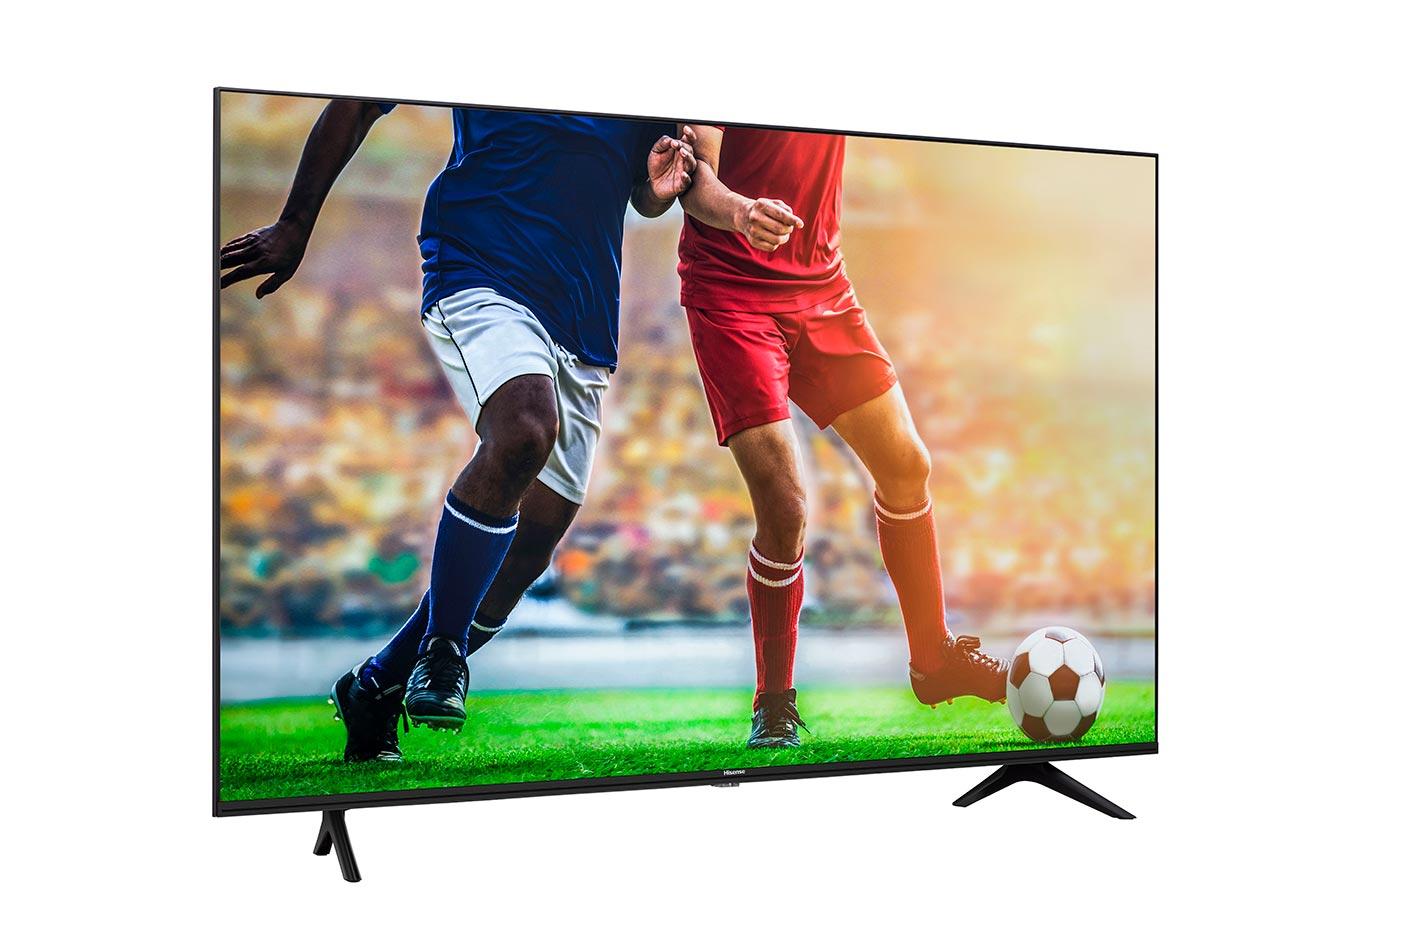 UHD TV UHD TV 50A7100F